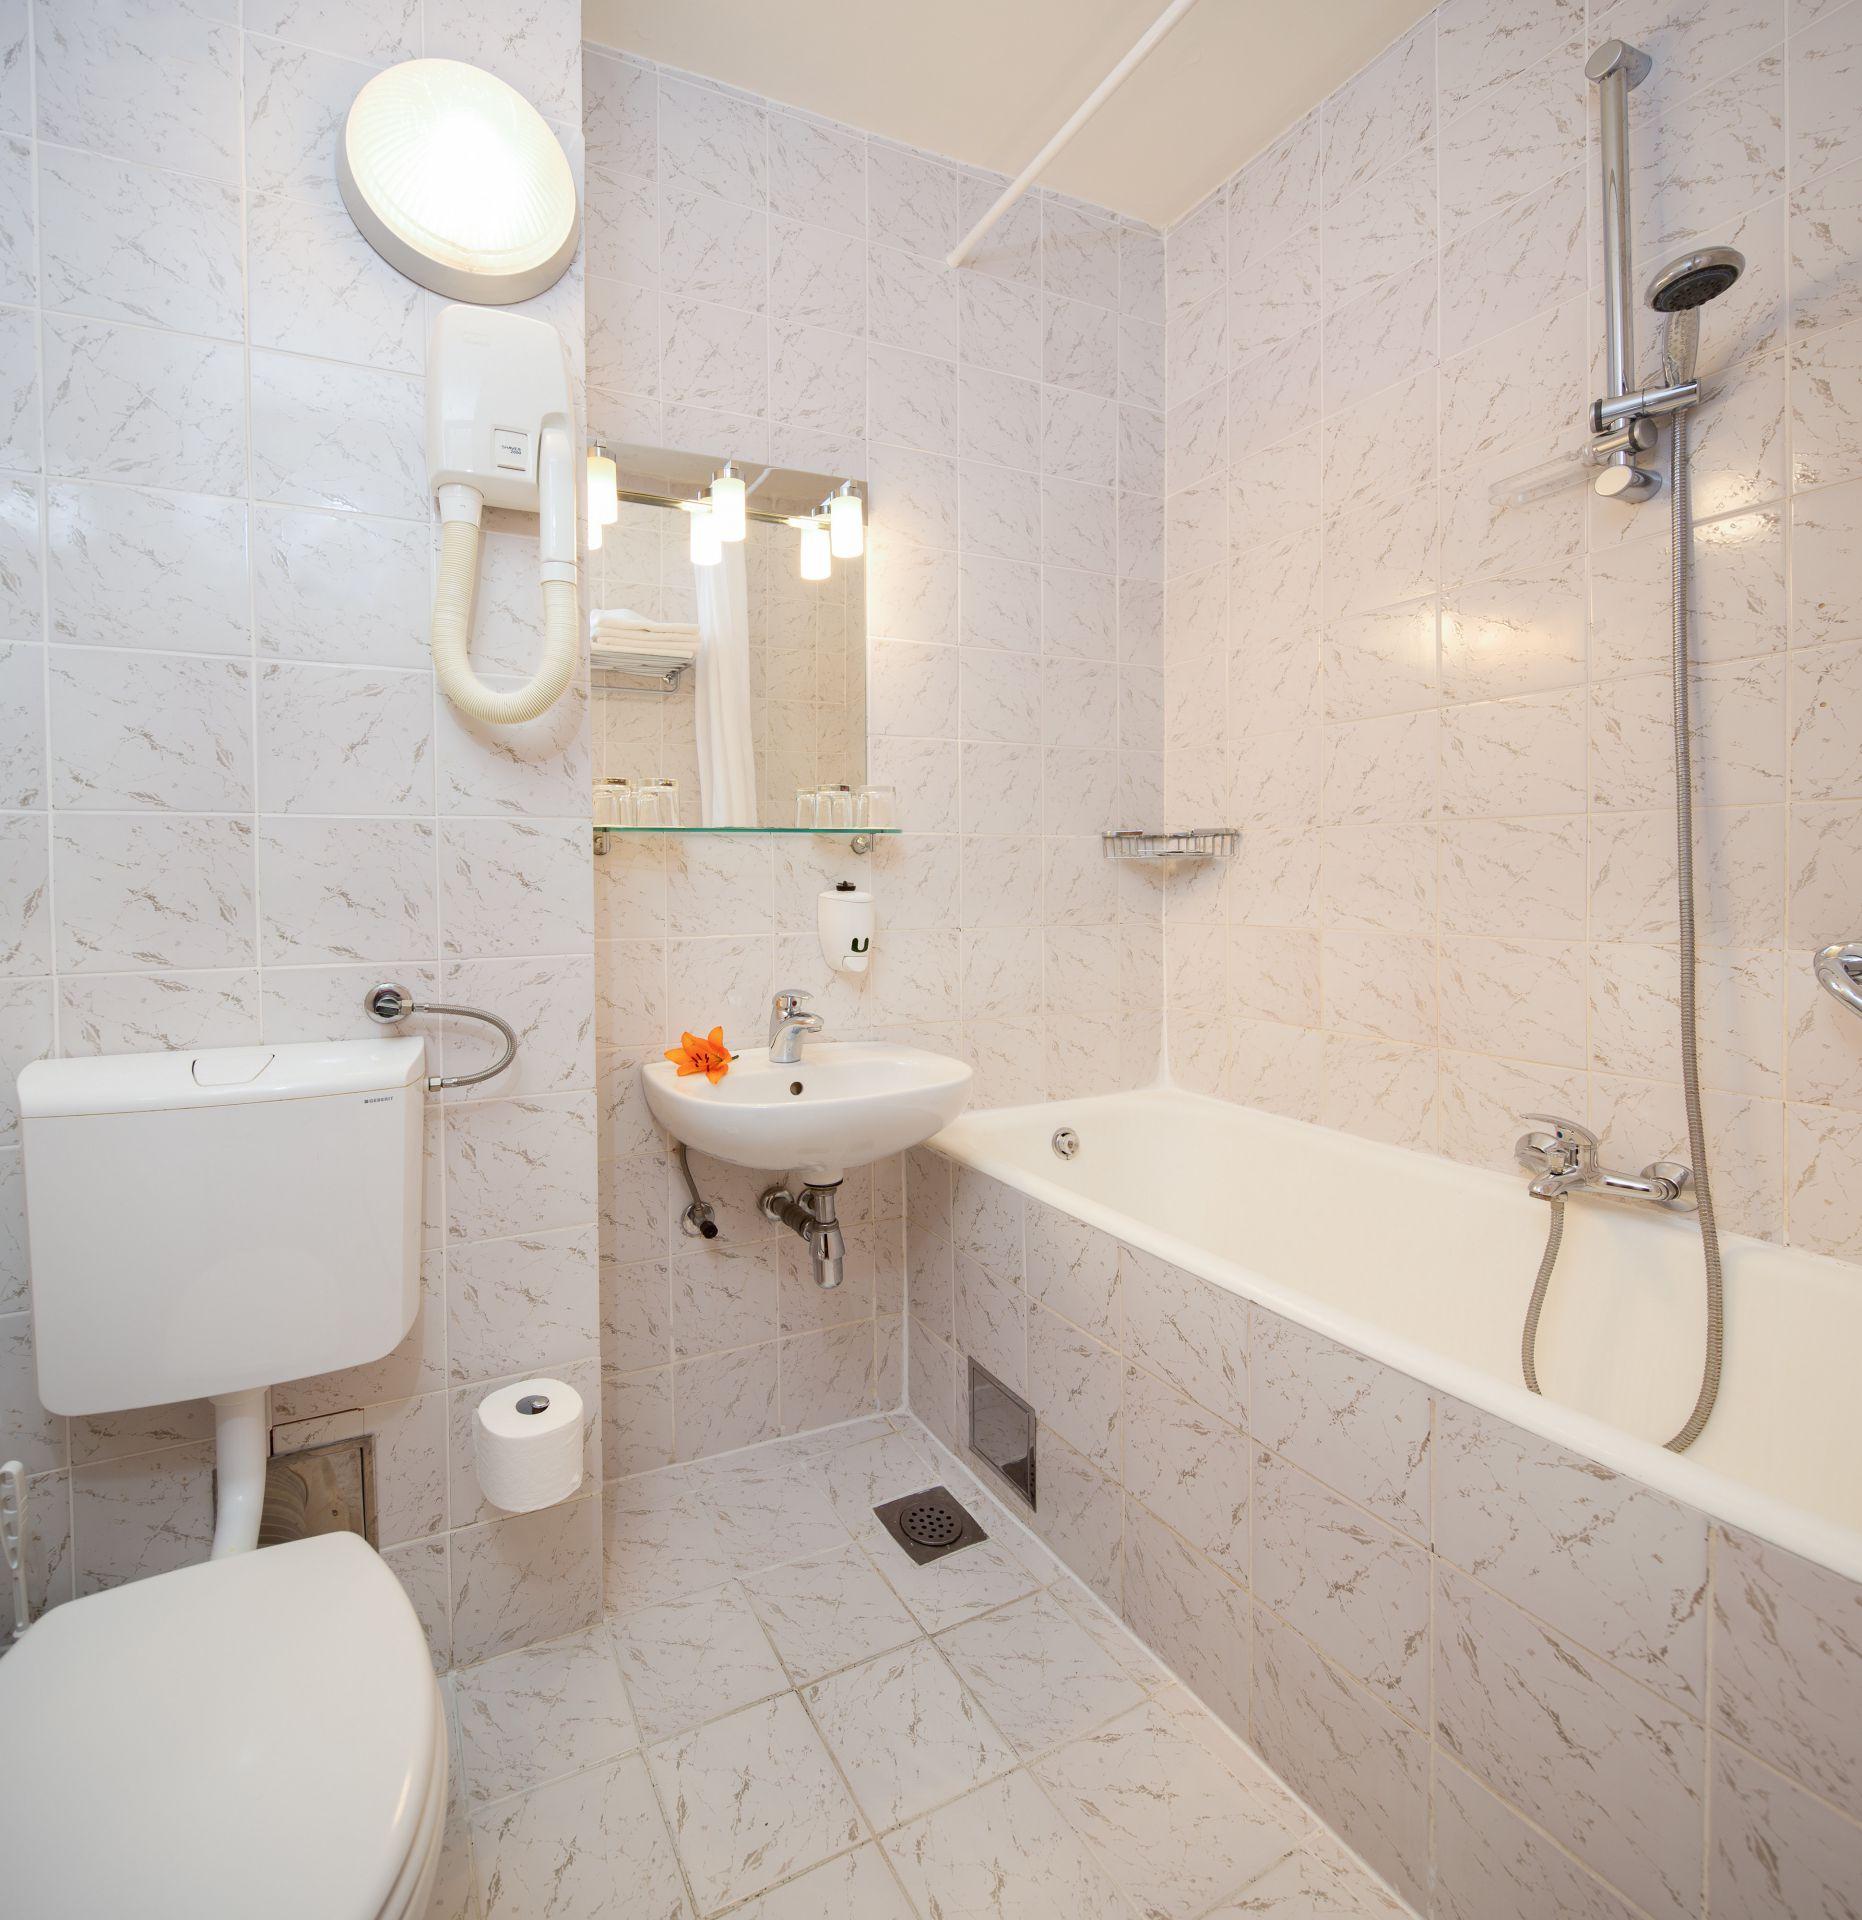 comfort room 05 14822311191 o - Zora Hotel